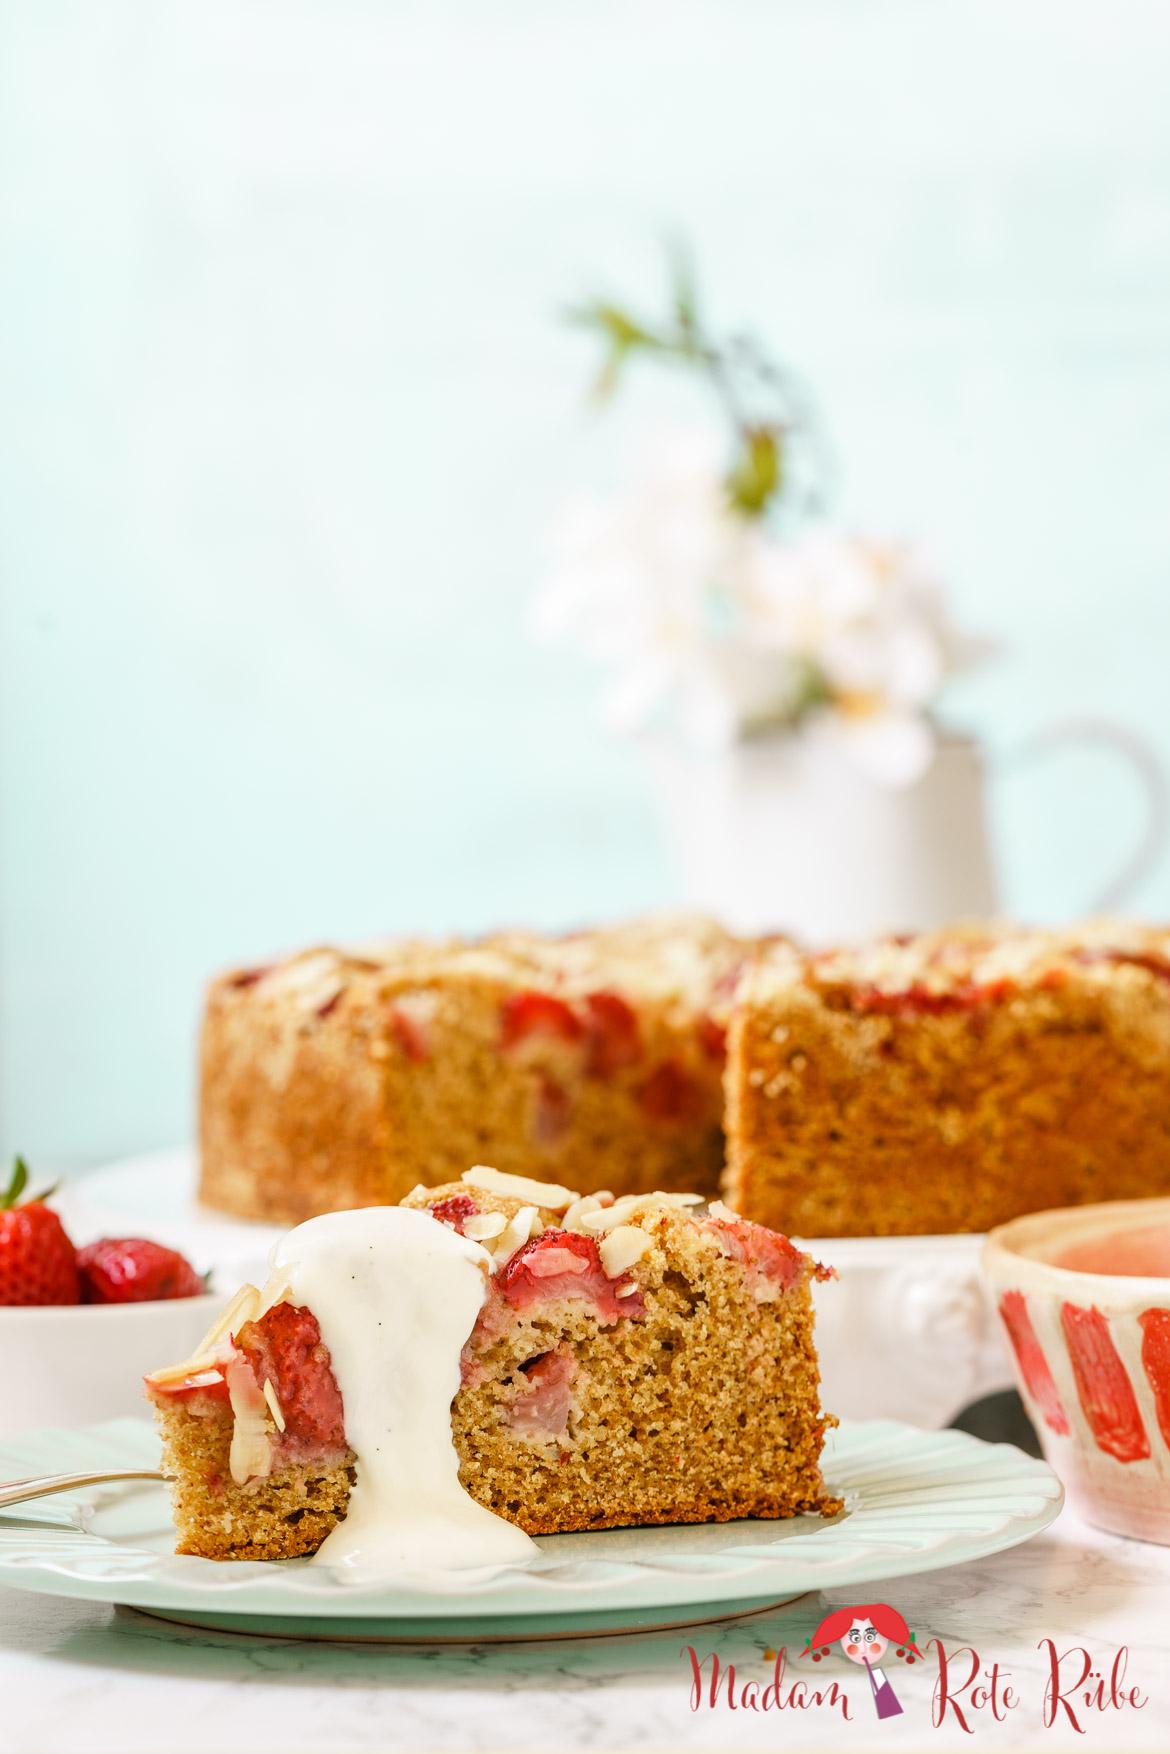 Madam Rote Rübe - Erdbeer-Dinkelvollkornkuchen mit Mandeln und Sahne